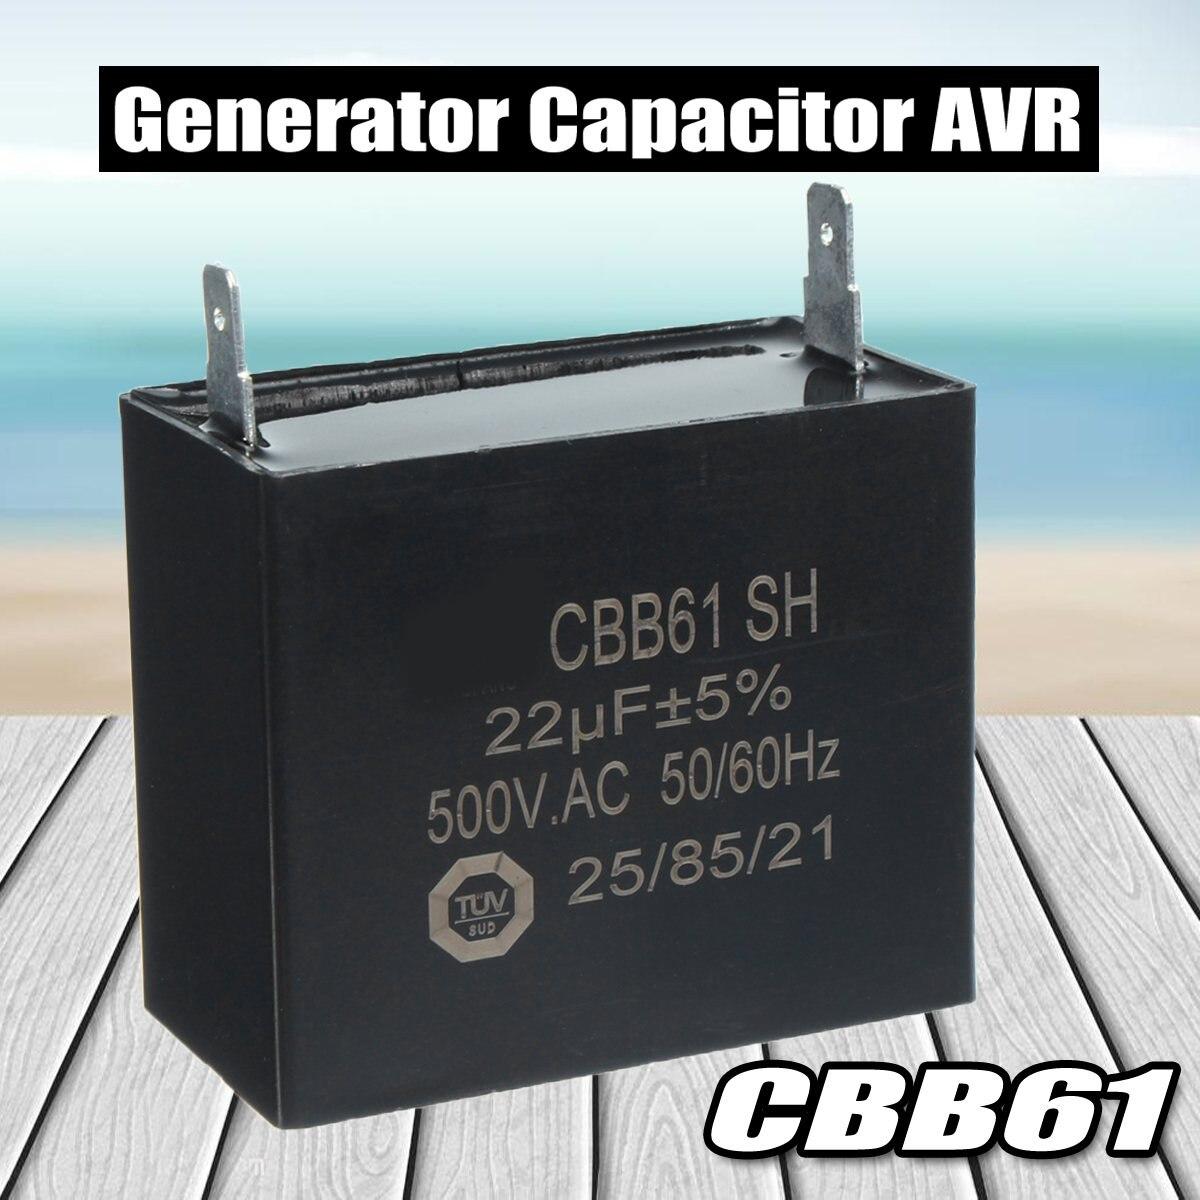 1 шт. Новое поступление CBB61 SH 22 мкФ MFD 500V AC 50/60Hz E232607 генератор конденсаторного типа AVR конденсаторы